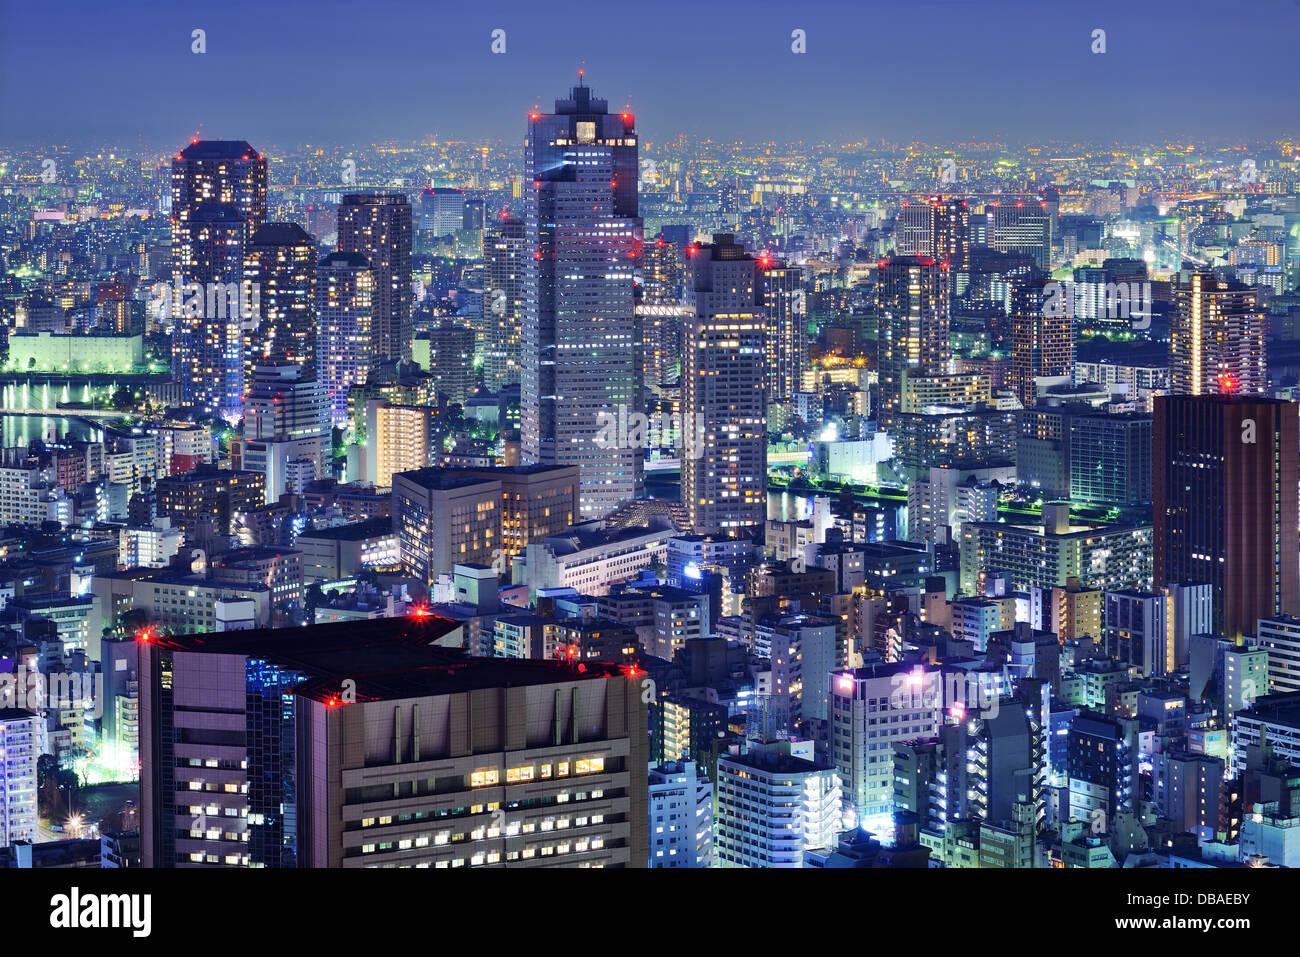 Skyline del distrito de Tsukiji de Tokio, Japón. Imagen De Stock